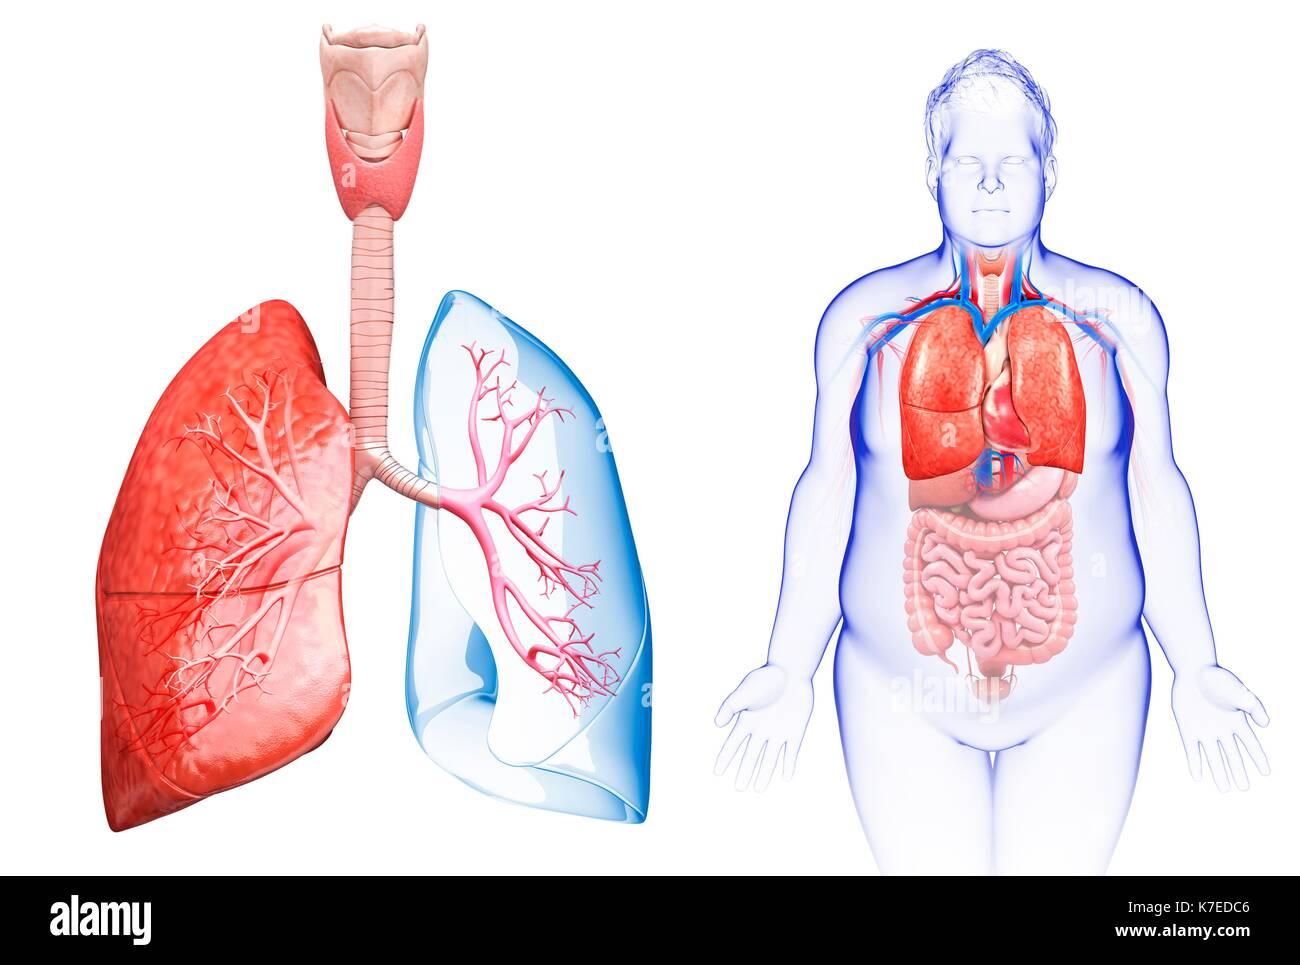 Darstellung der männlichen Lunge Anatomie Stockfoto, Bild: 159513766 ...